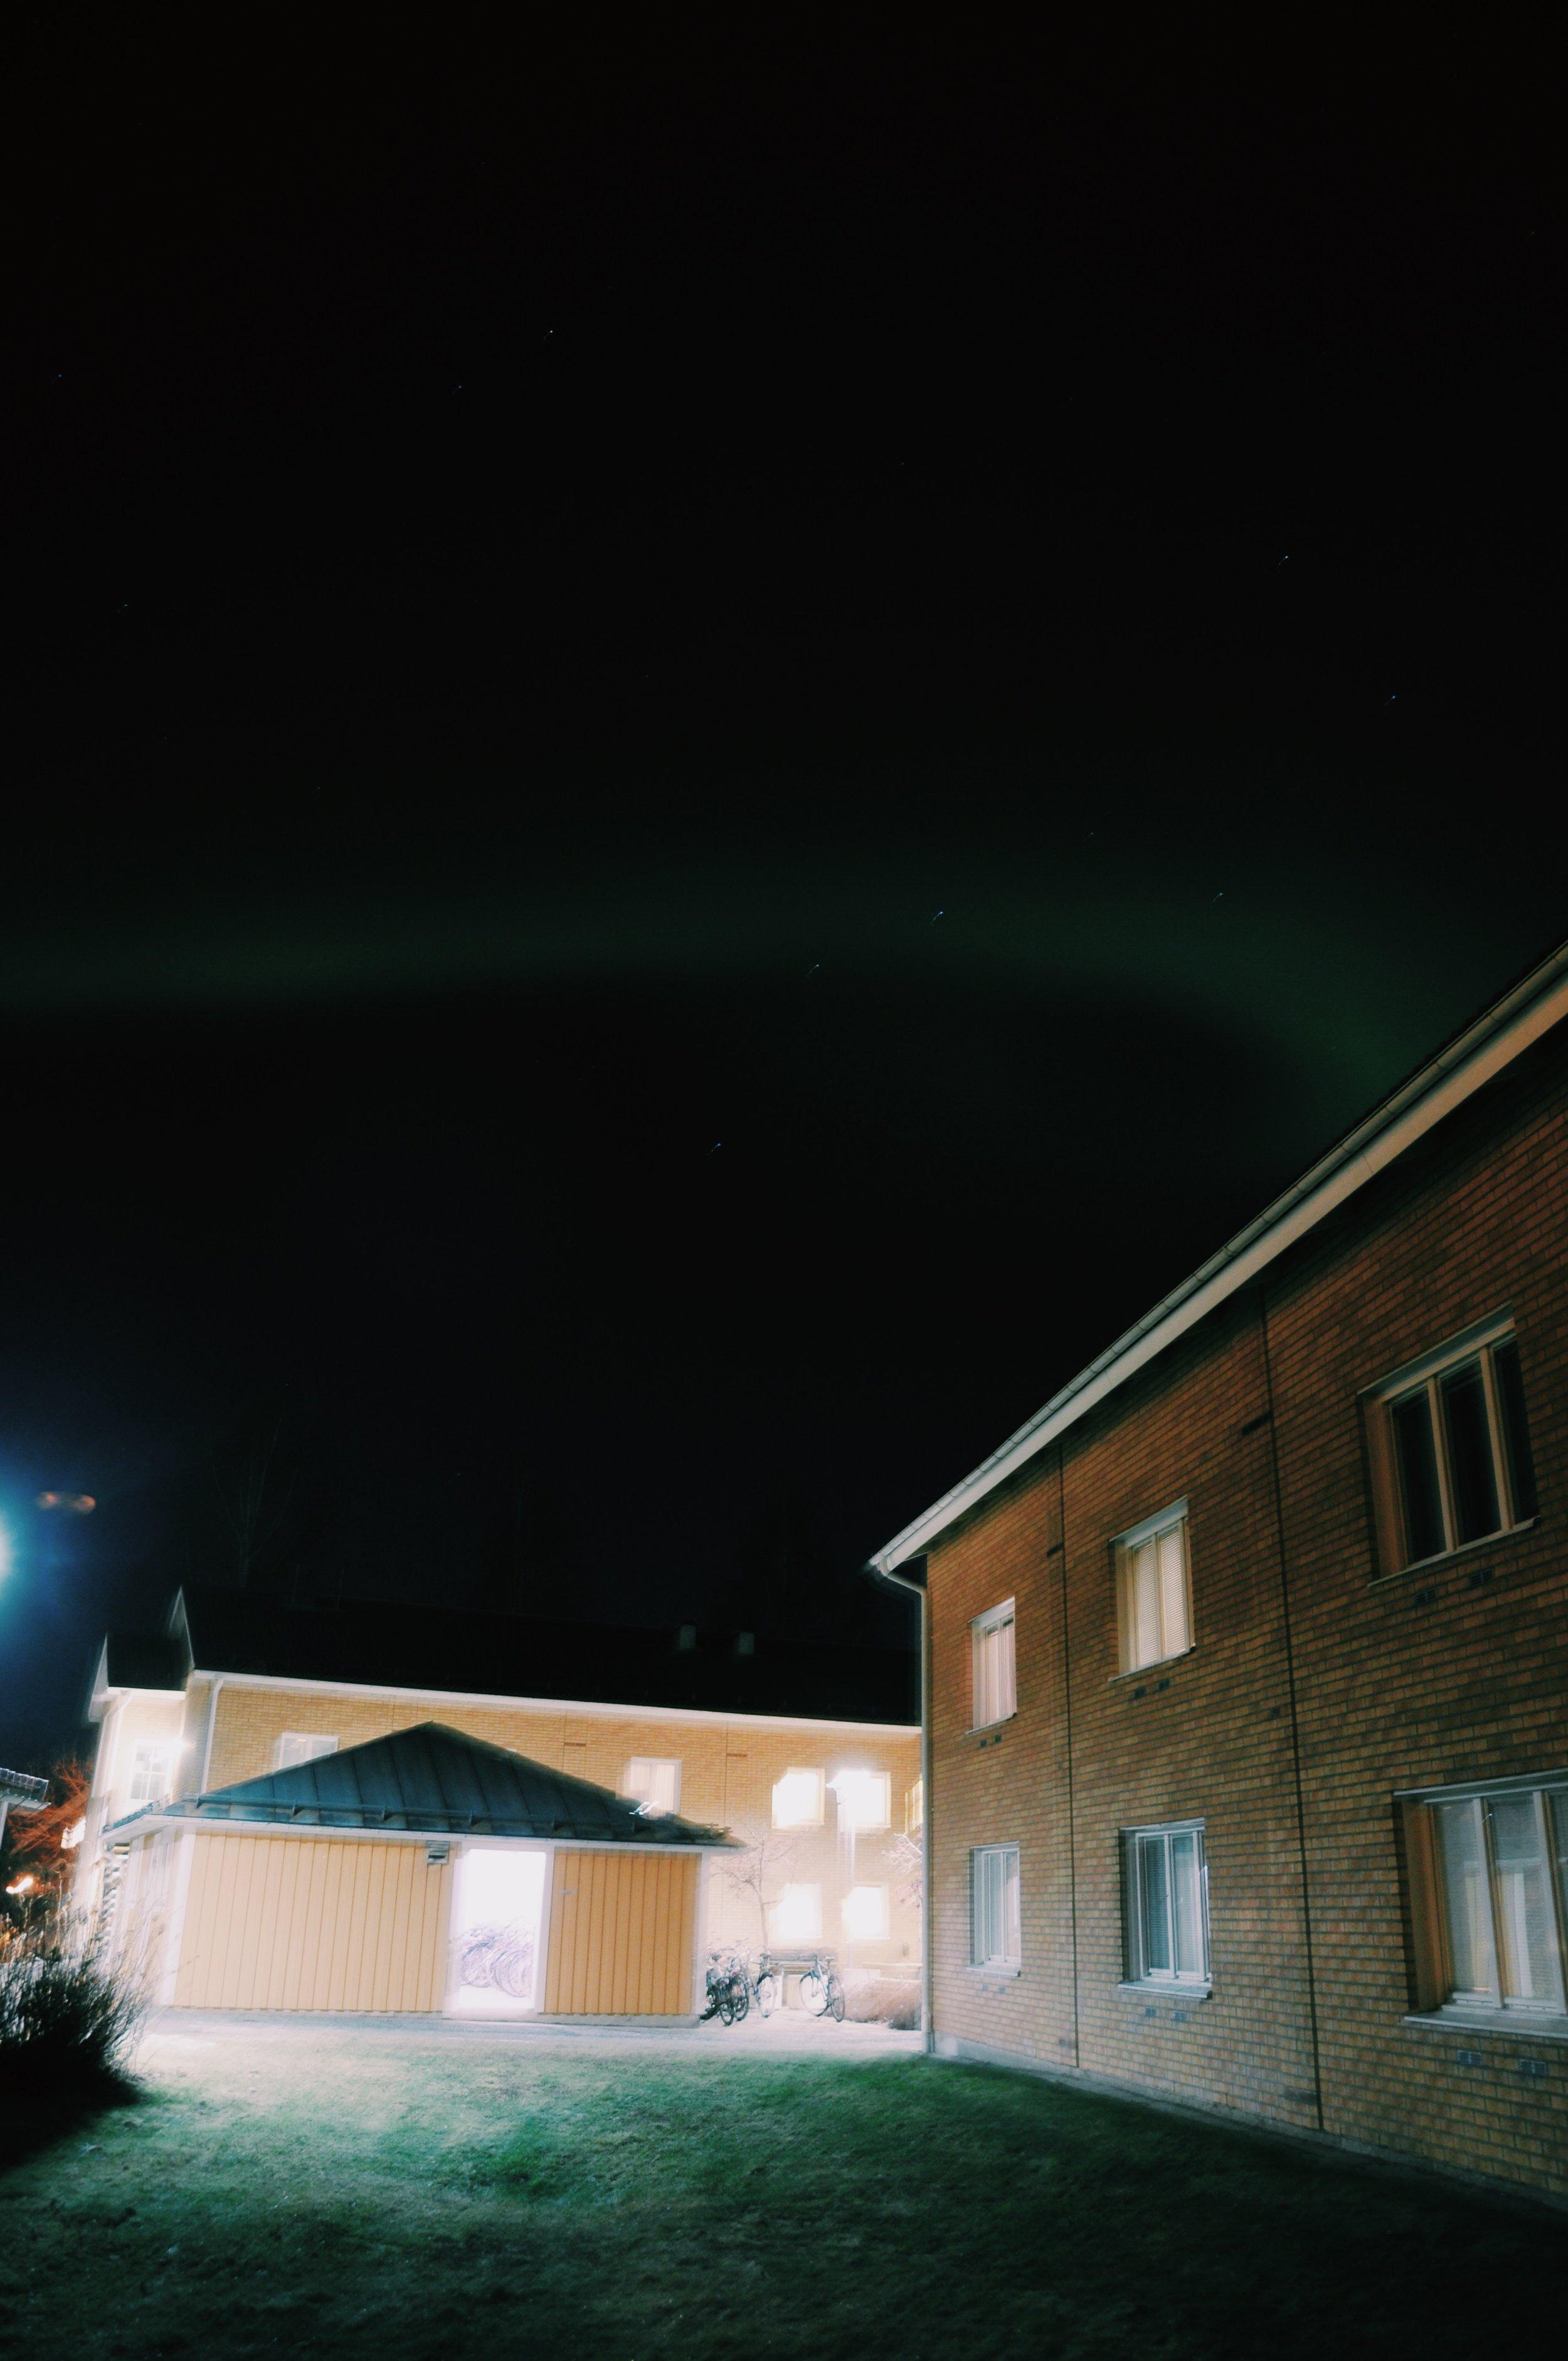 To była nasza pierwsza zorza w życiu. Tu widać, że dosłownie 'wchodzi' do naszego okna :) To dopiero widok - zasypiać z tańczącym niebem nad głową.